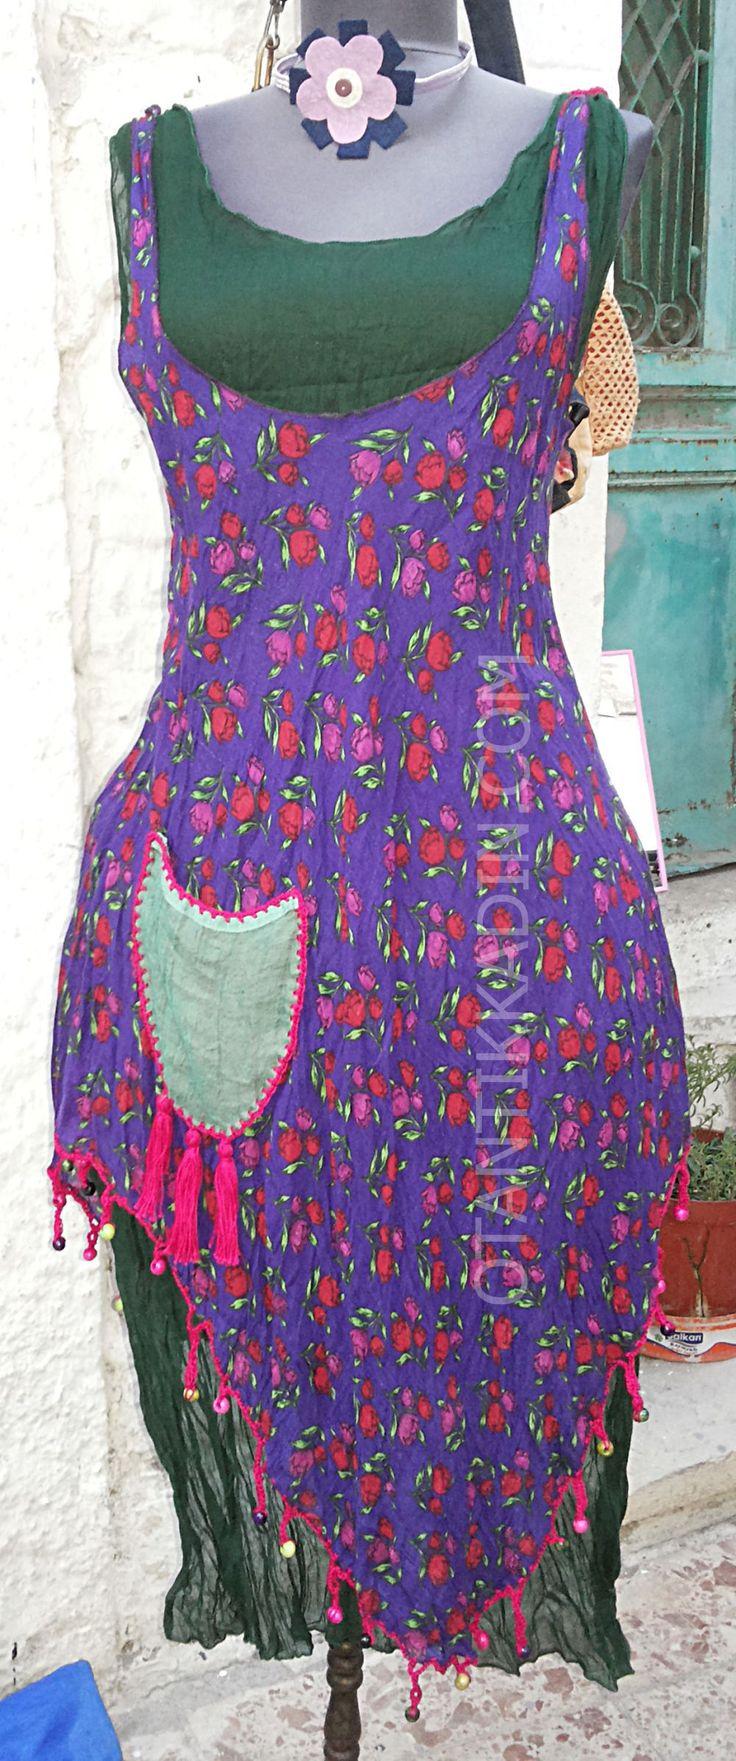 Otantik Elbise (2908)   Otantik Kadın, Otantik Giysiler, Elbiseler,Bohem giyim, Etnik Giysiler, Kıyafetler, Pançolar, kışlık Şalvarlar, Şalvarlar,Etekler, Çantalar,Takılar